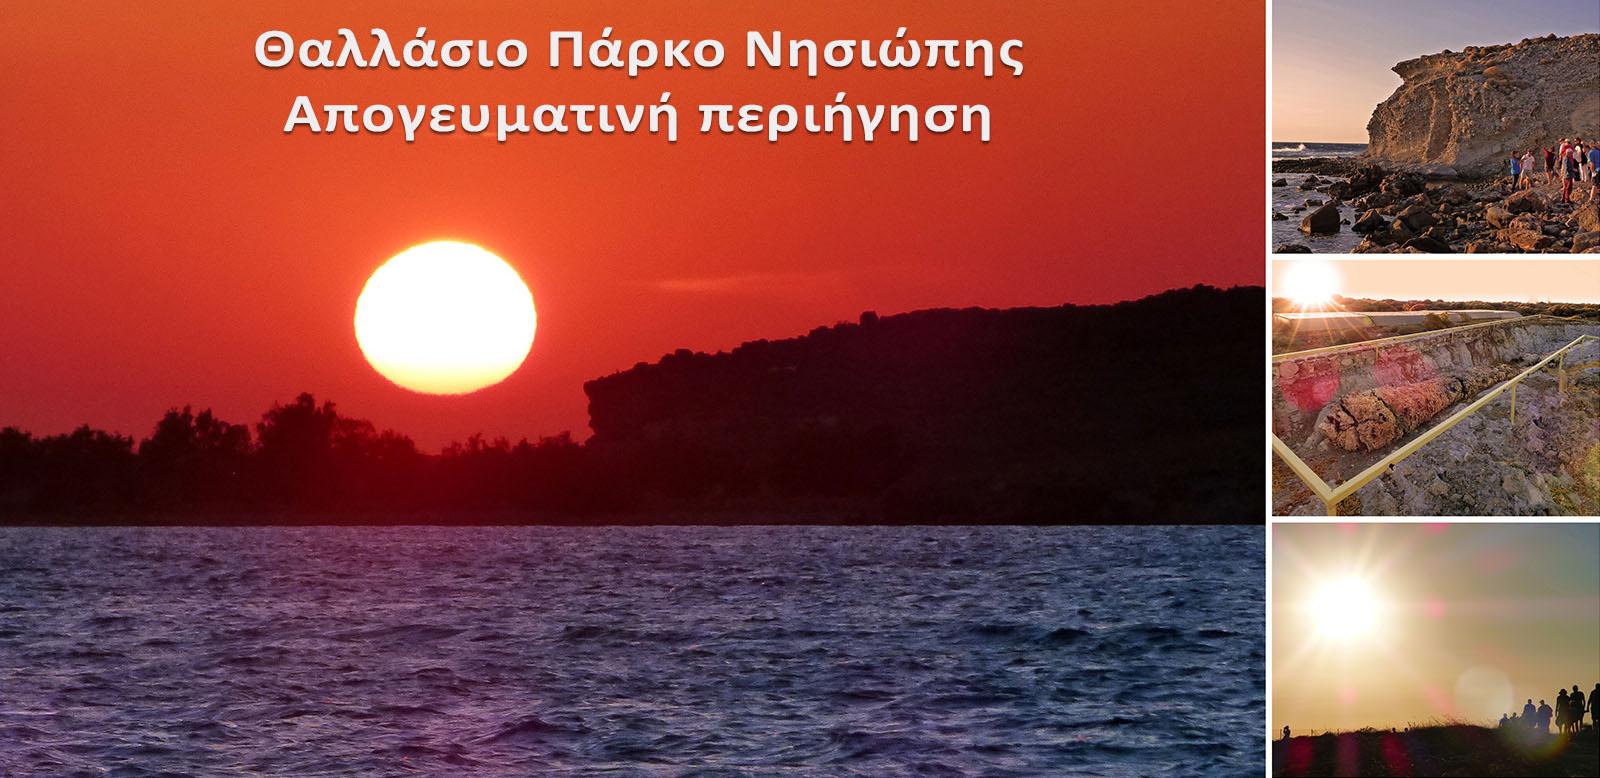 nissiopi_apogeumatini_perihghsi